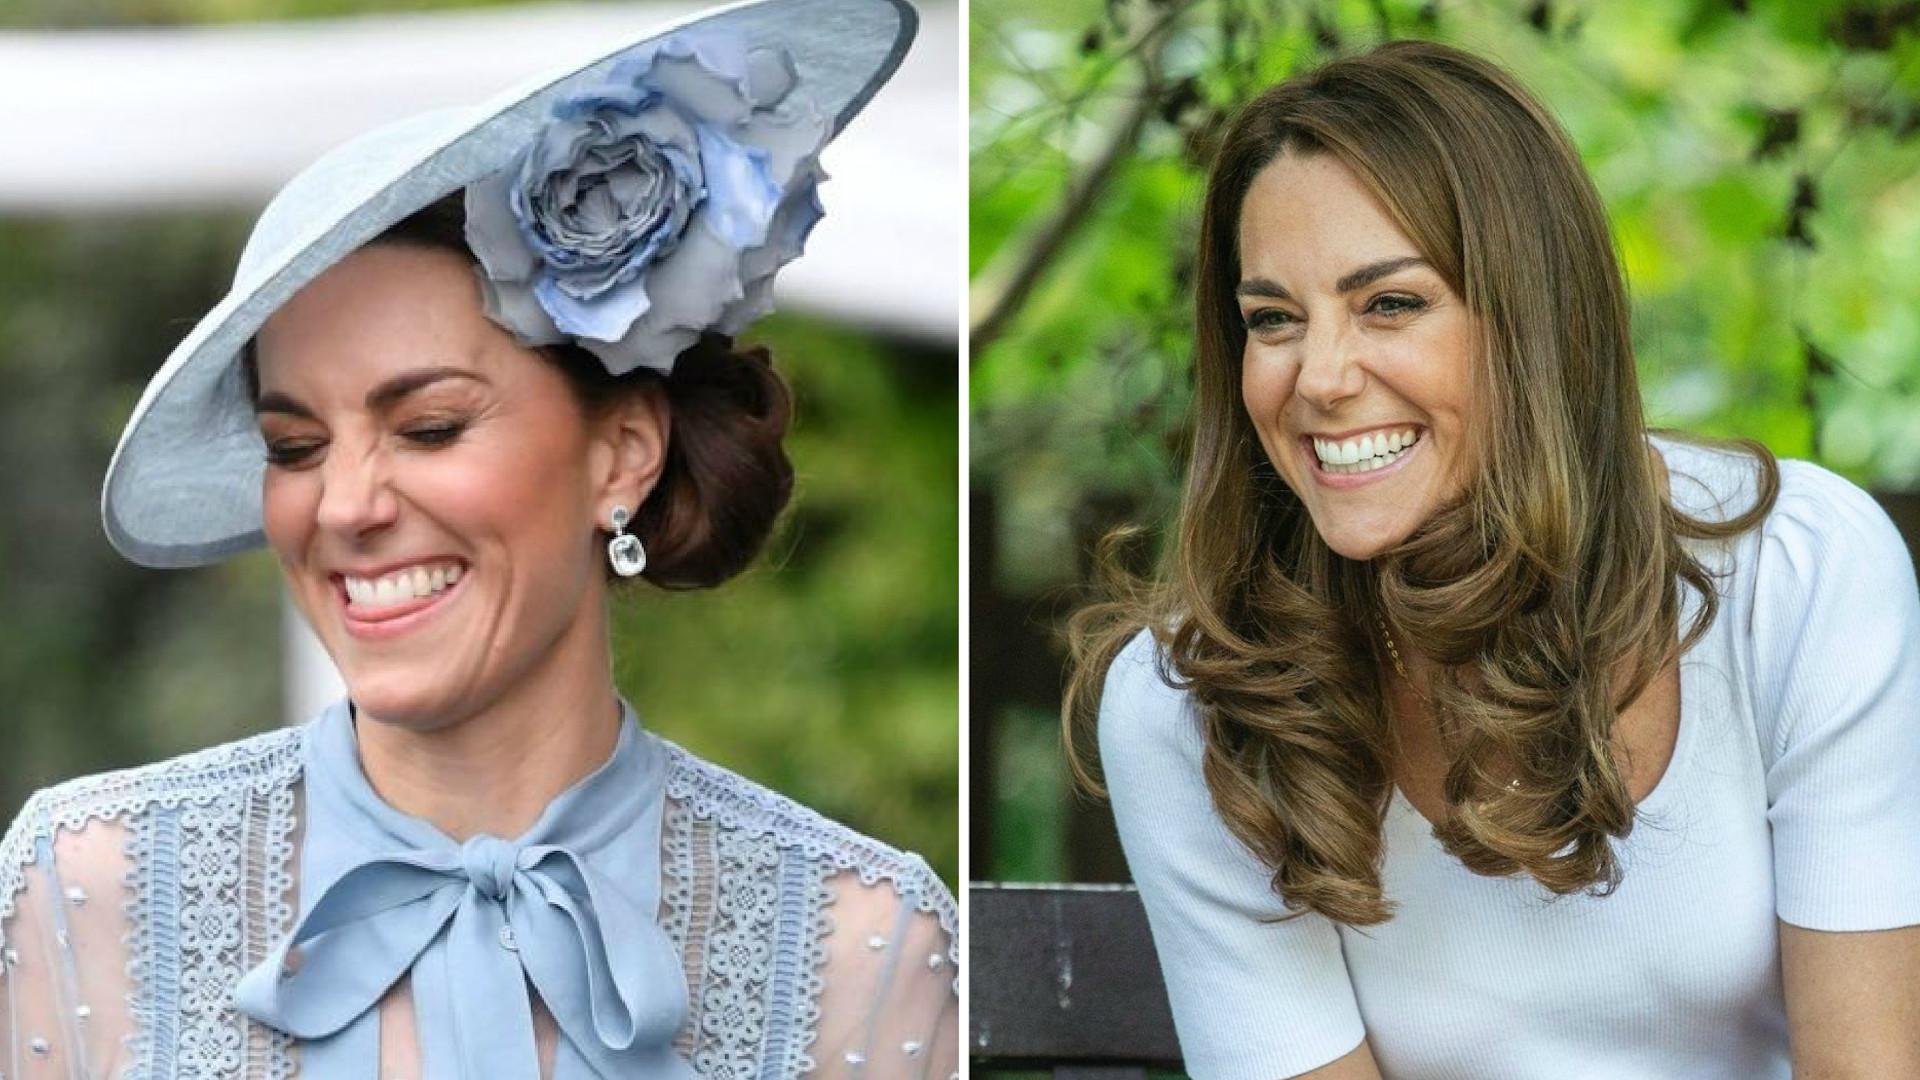 Kreacja księżnej Kate okrzyknięta suknią DEKADY! Faktycznie zasługuje na takie wyróżnienie?